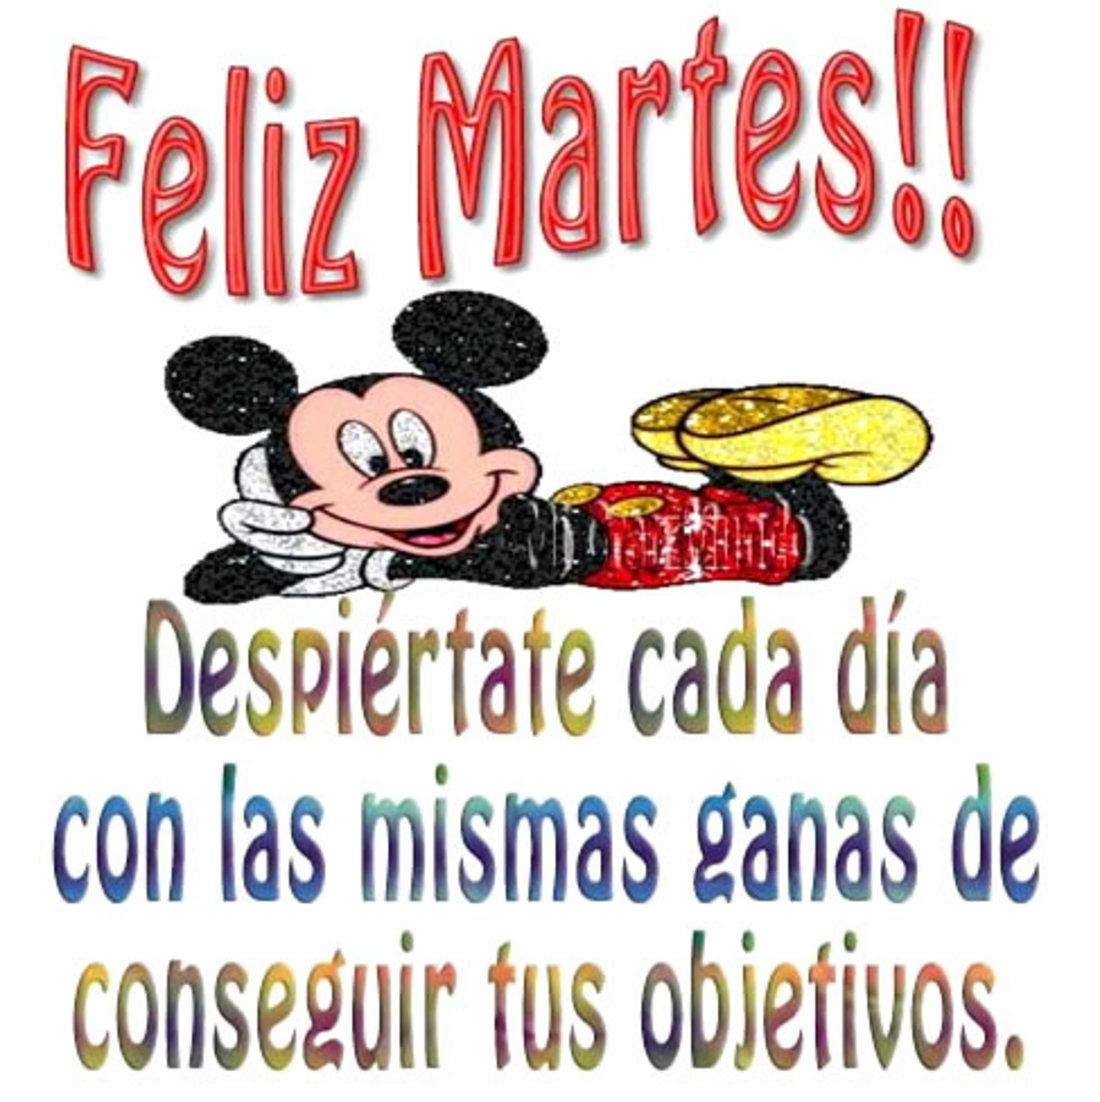 Feliz Martes!! Despiertate cada dia con la misma ganas de conseguir tus objectivos